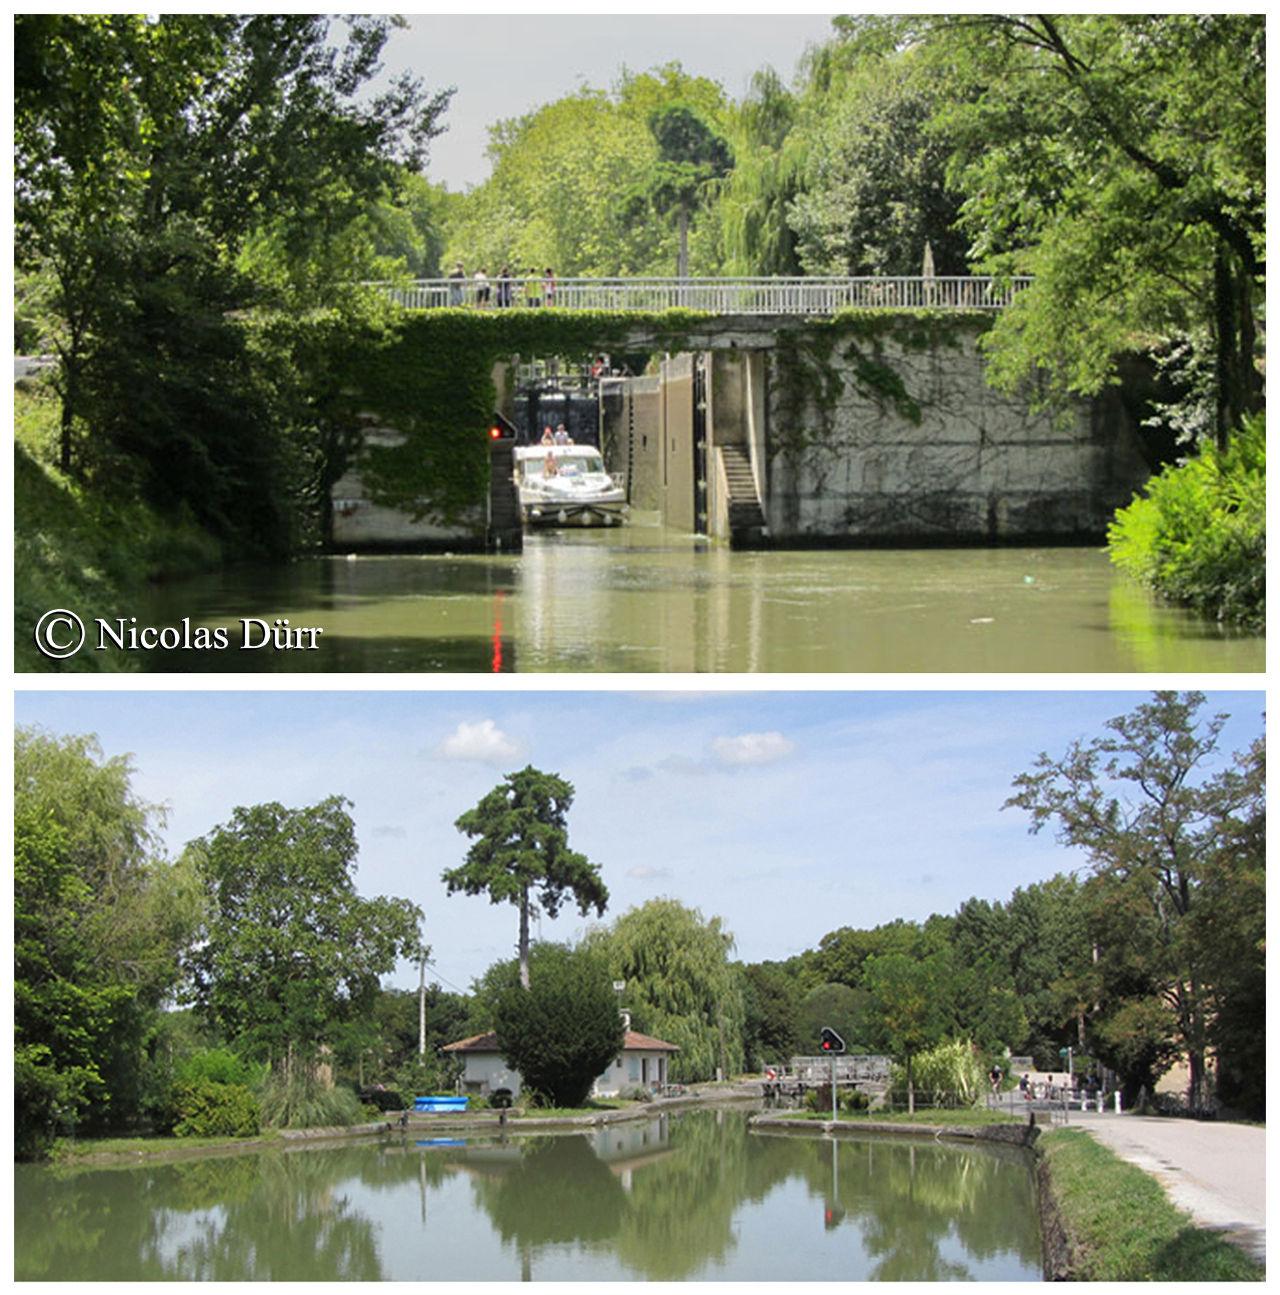 L'écluse de Castanet, 1673, remaniée en 1978, à bassin simple (anciennement à bassins doubles),15 km 715 de la Garonne. Altitude 148 m. Commune : Castanet Tolosan. 4e écluse sur le Canal à franchir par les navigants depuis son extrèmité occidentale à Toulouse. Nombre de communes traversée depuis l'extrèmité occidentale du canal jusqu' à l'extrèmité du bief : 4.